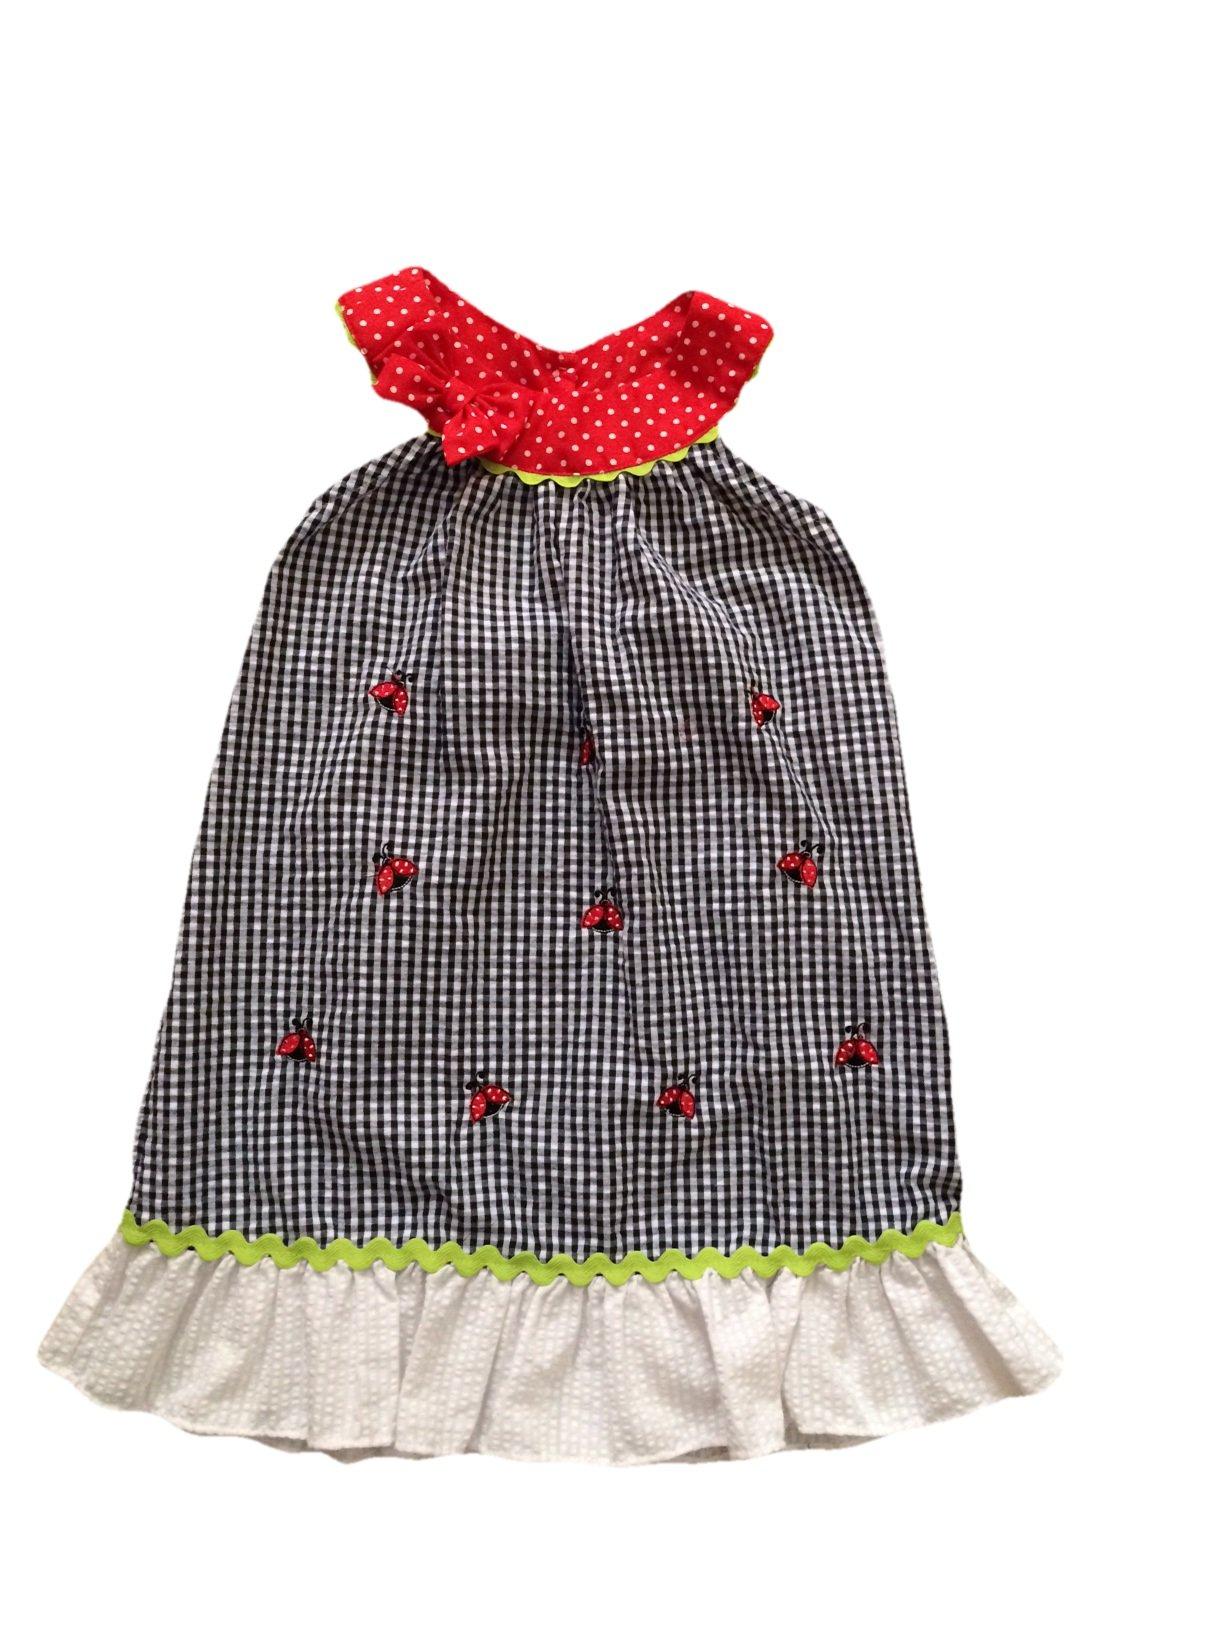 Rare Editions Infant Girls Gingham Ladybug Sundress (Small Red Ladybug, 3T)